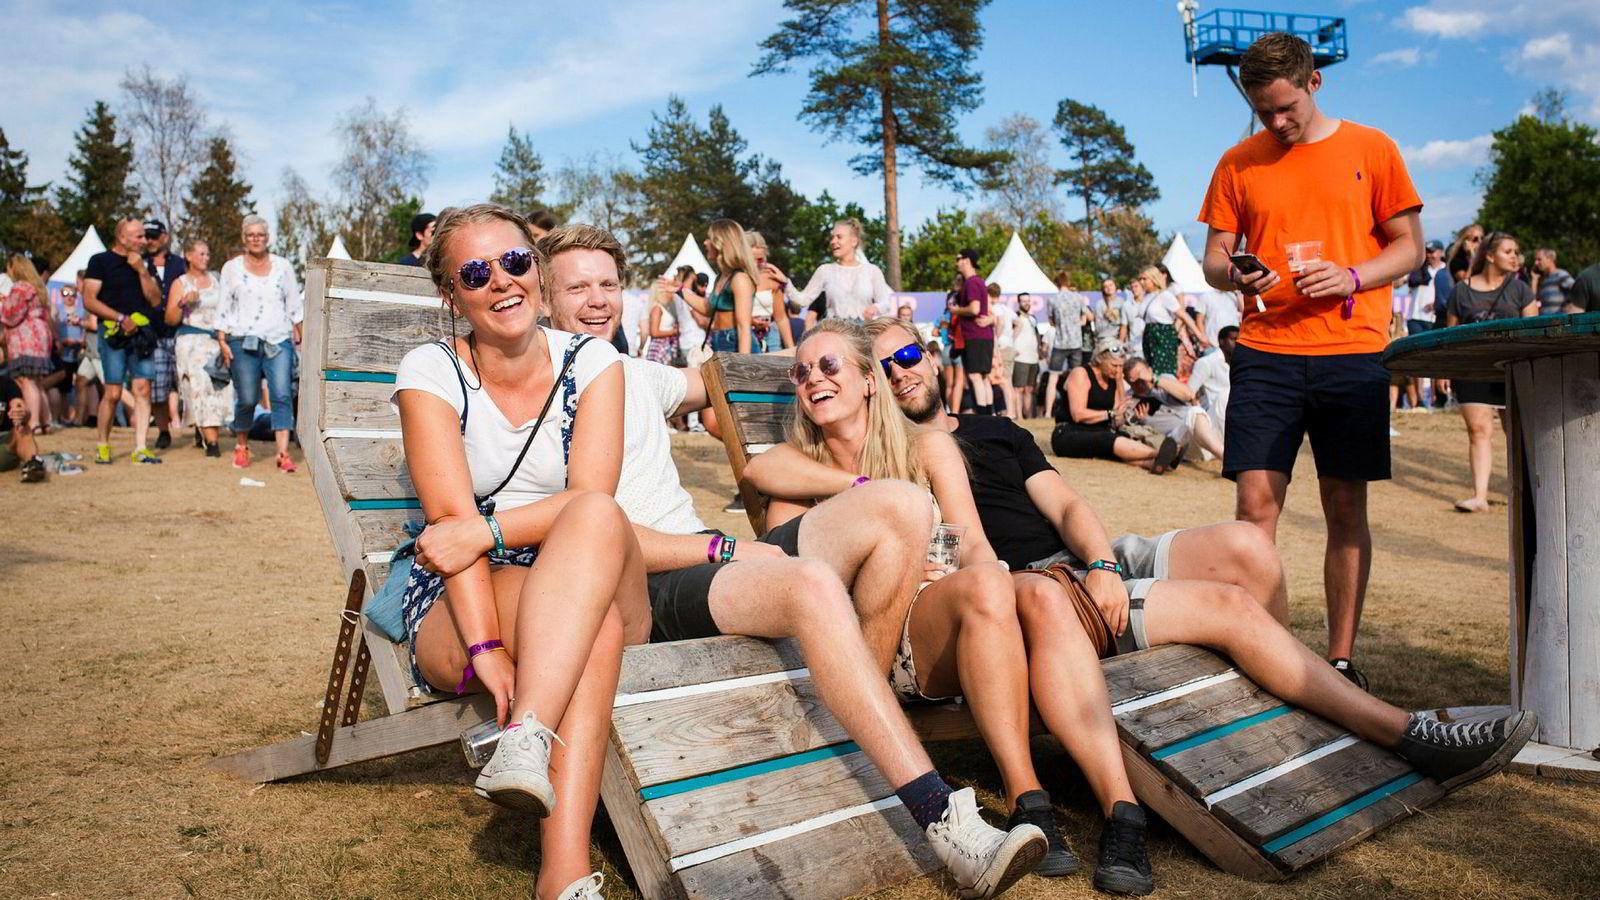 – Jeg tror ikke nødvendigvis jeg kommer til å bytte bank, sier Frida Hals (24) (til venstre), men legger også til at merkevarer som er til stede på festivaler fremstår hippe. Sammen med Kristian Andresen (26), Ida Steffens (26) og Fredrik Torgersen (27) besøker hun Stavernfestivalen og benytter seg av sponsoren DNBs stoler.